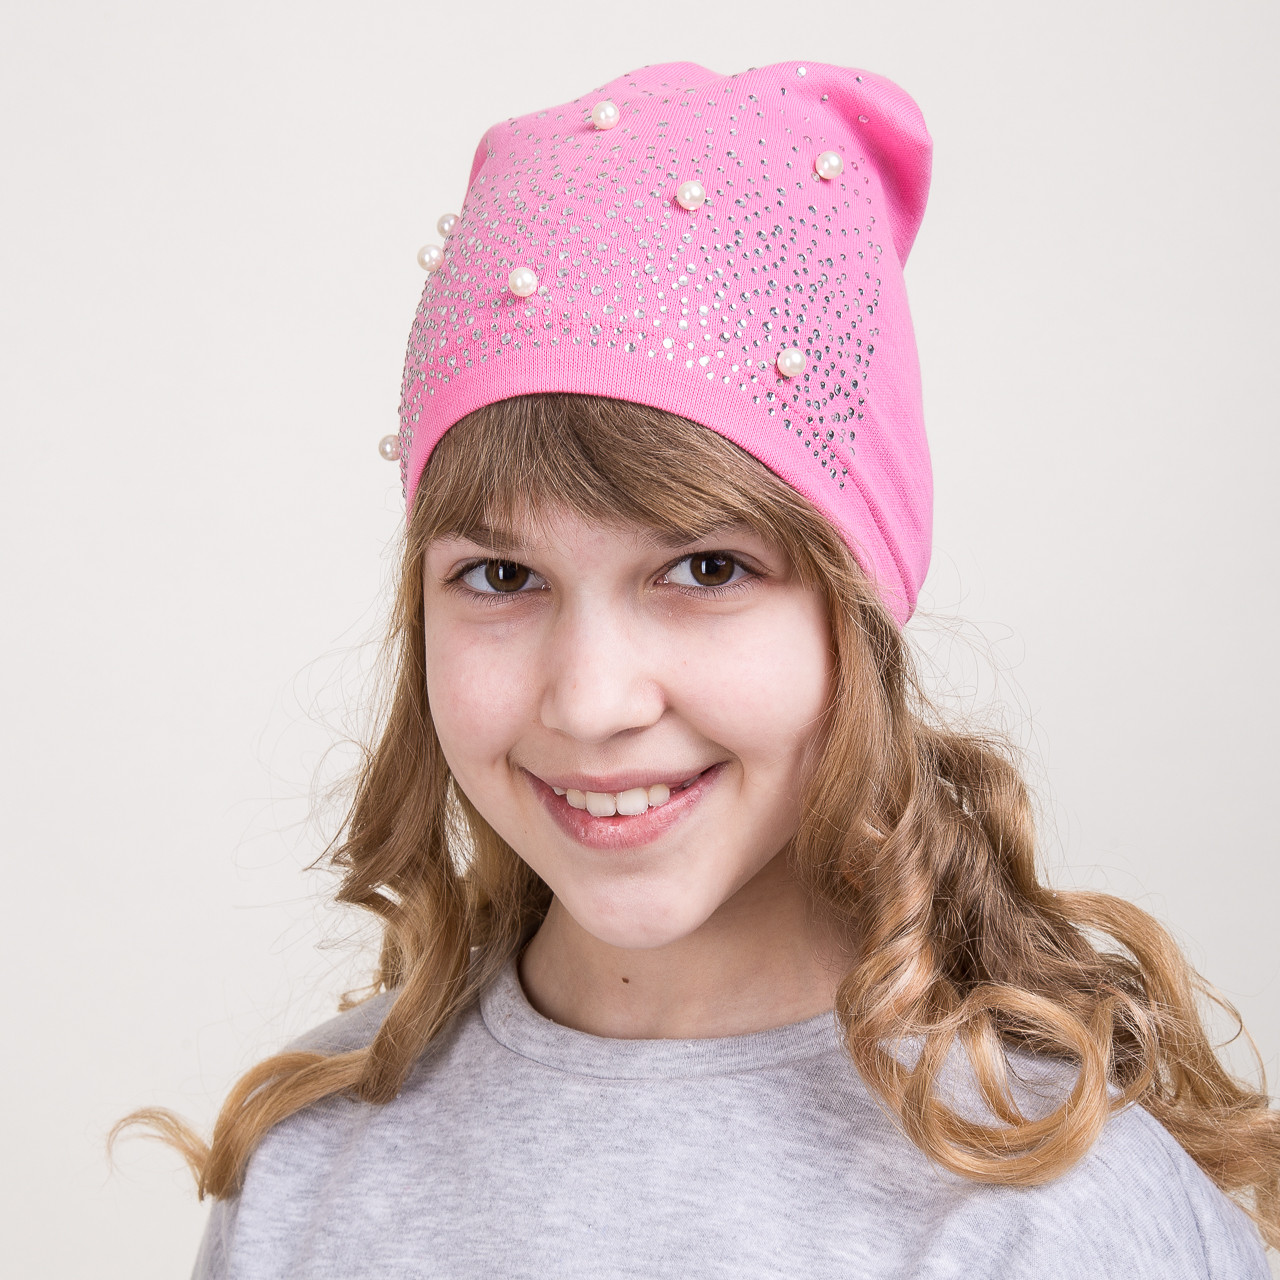 Весеняя шапка для девочек с бусинками 2018 оптом - Артикул 2069